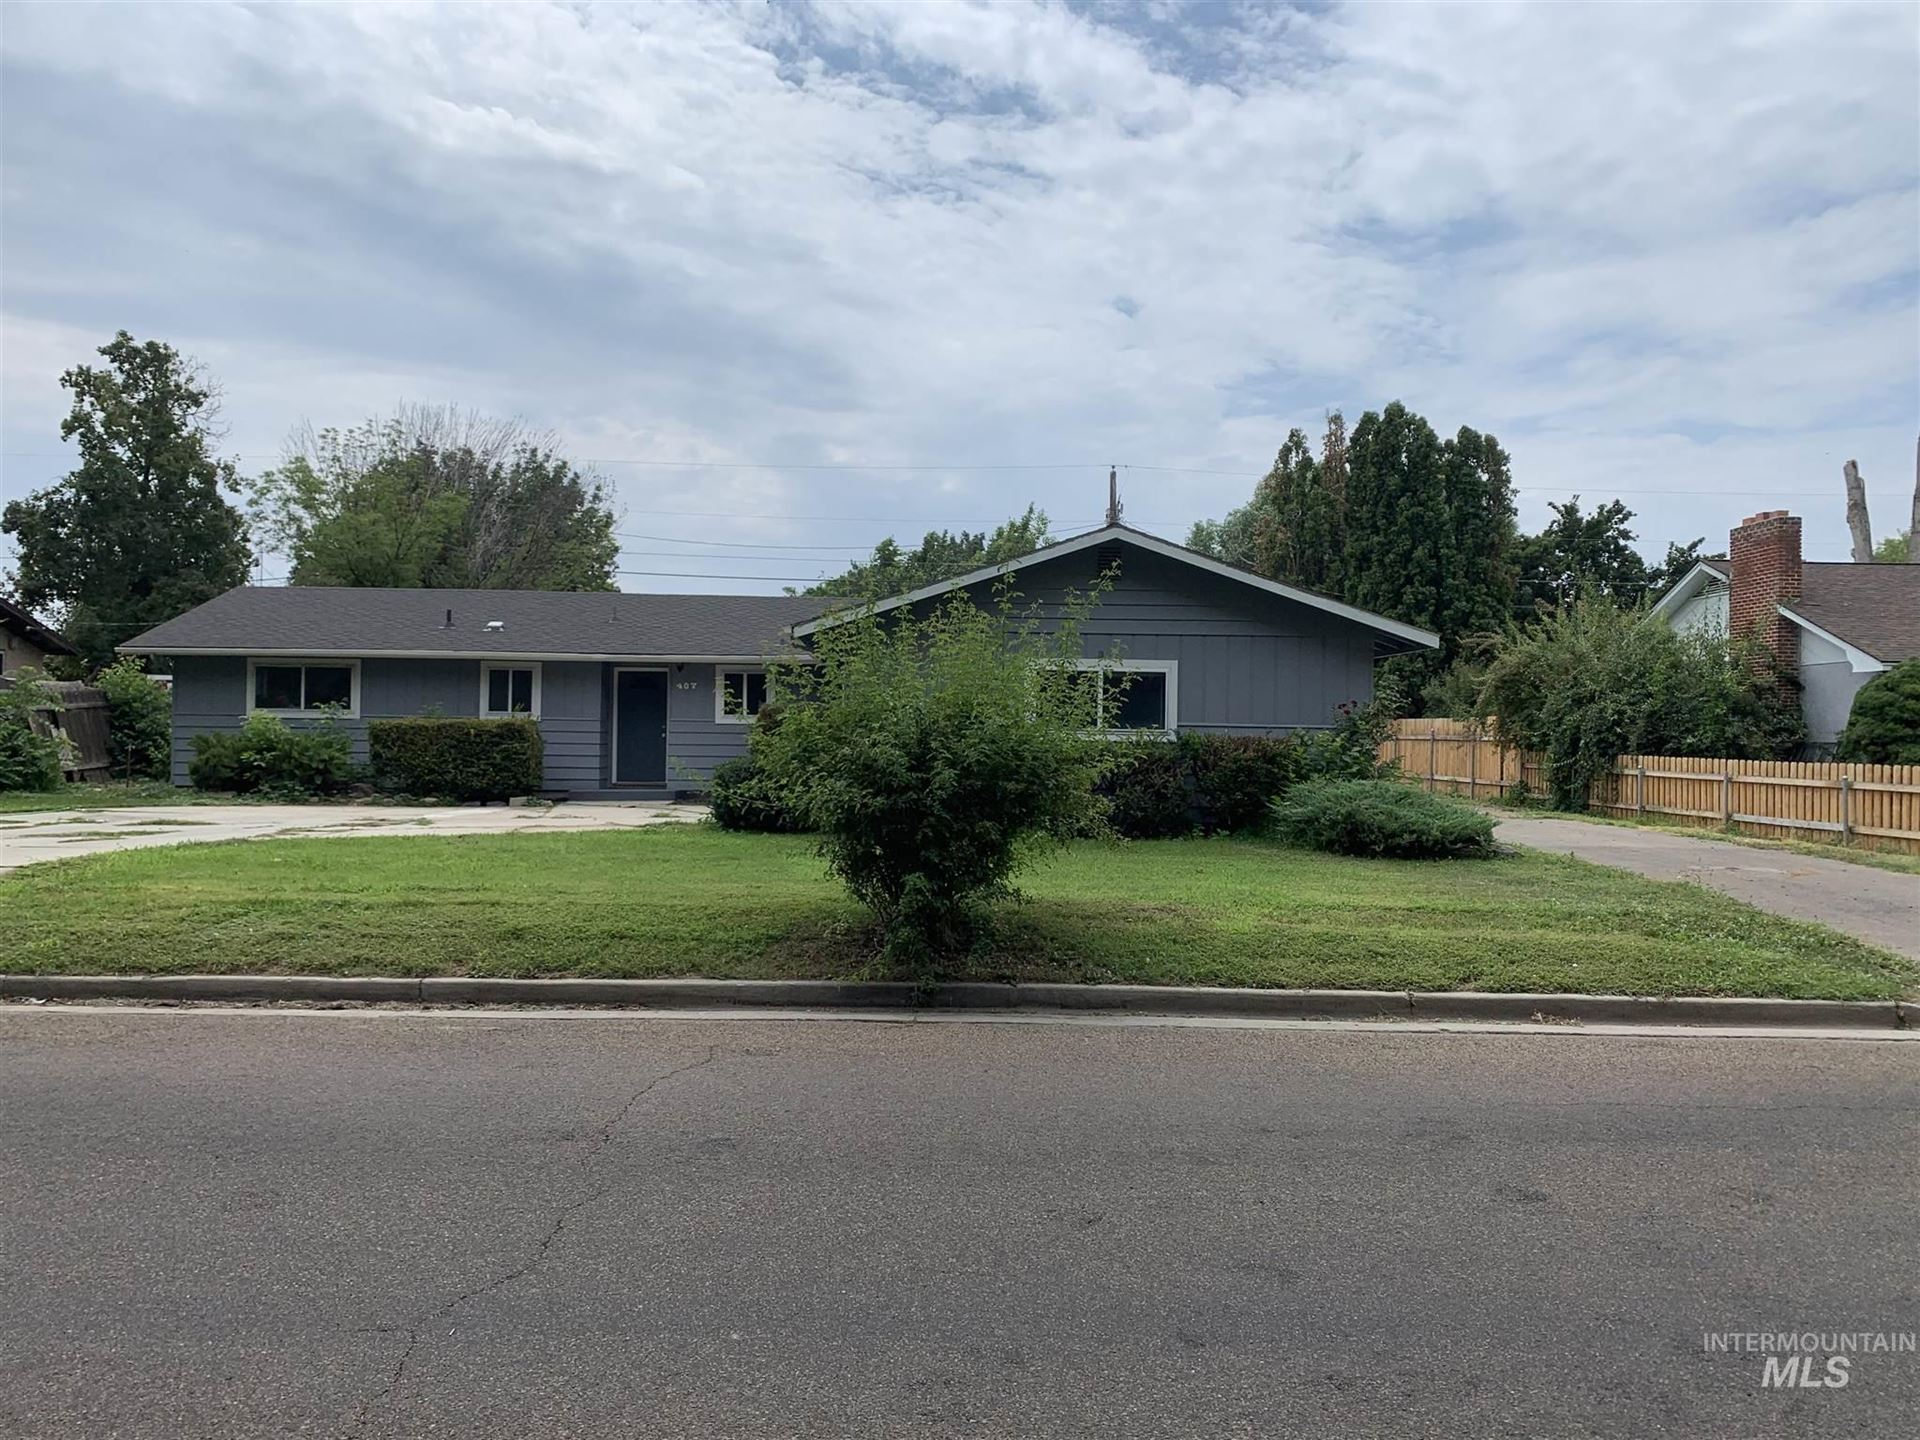 407 W Ash, Caldwell, ID 83605 - MLS#: 98813637